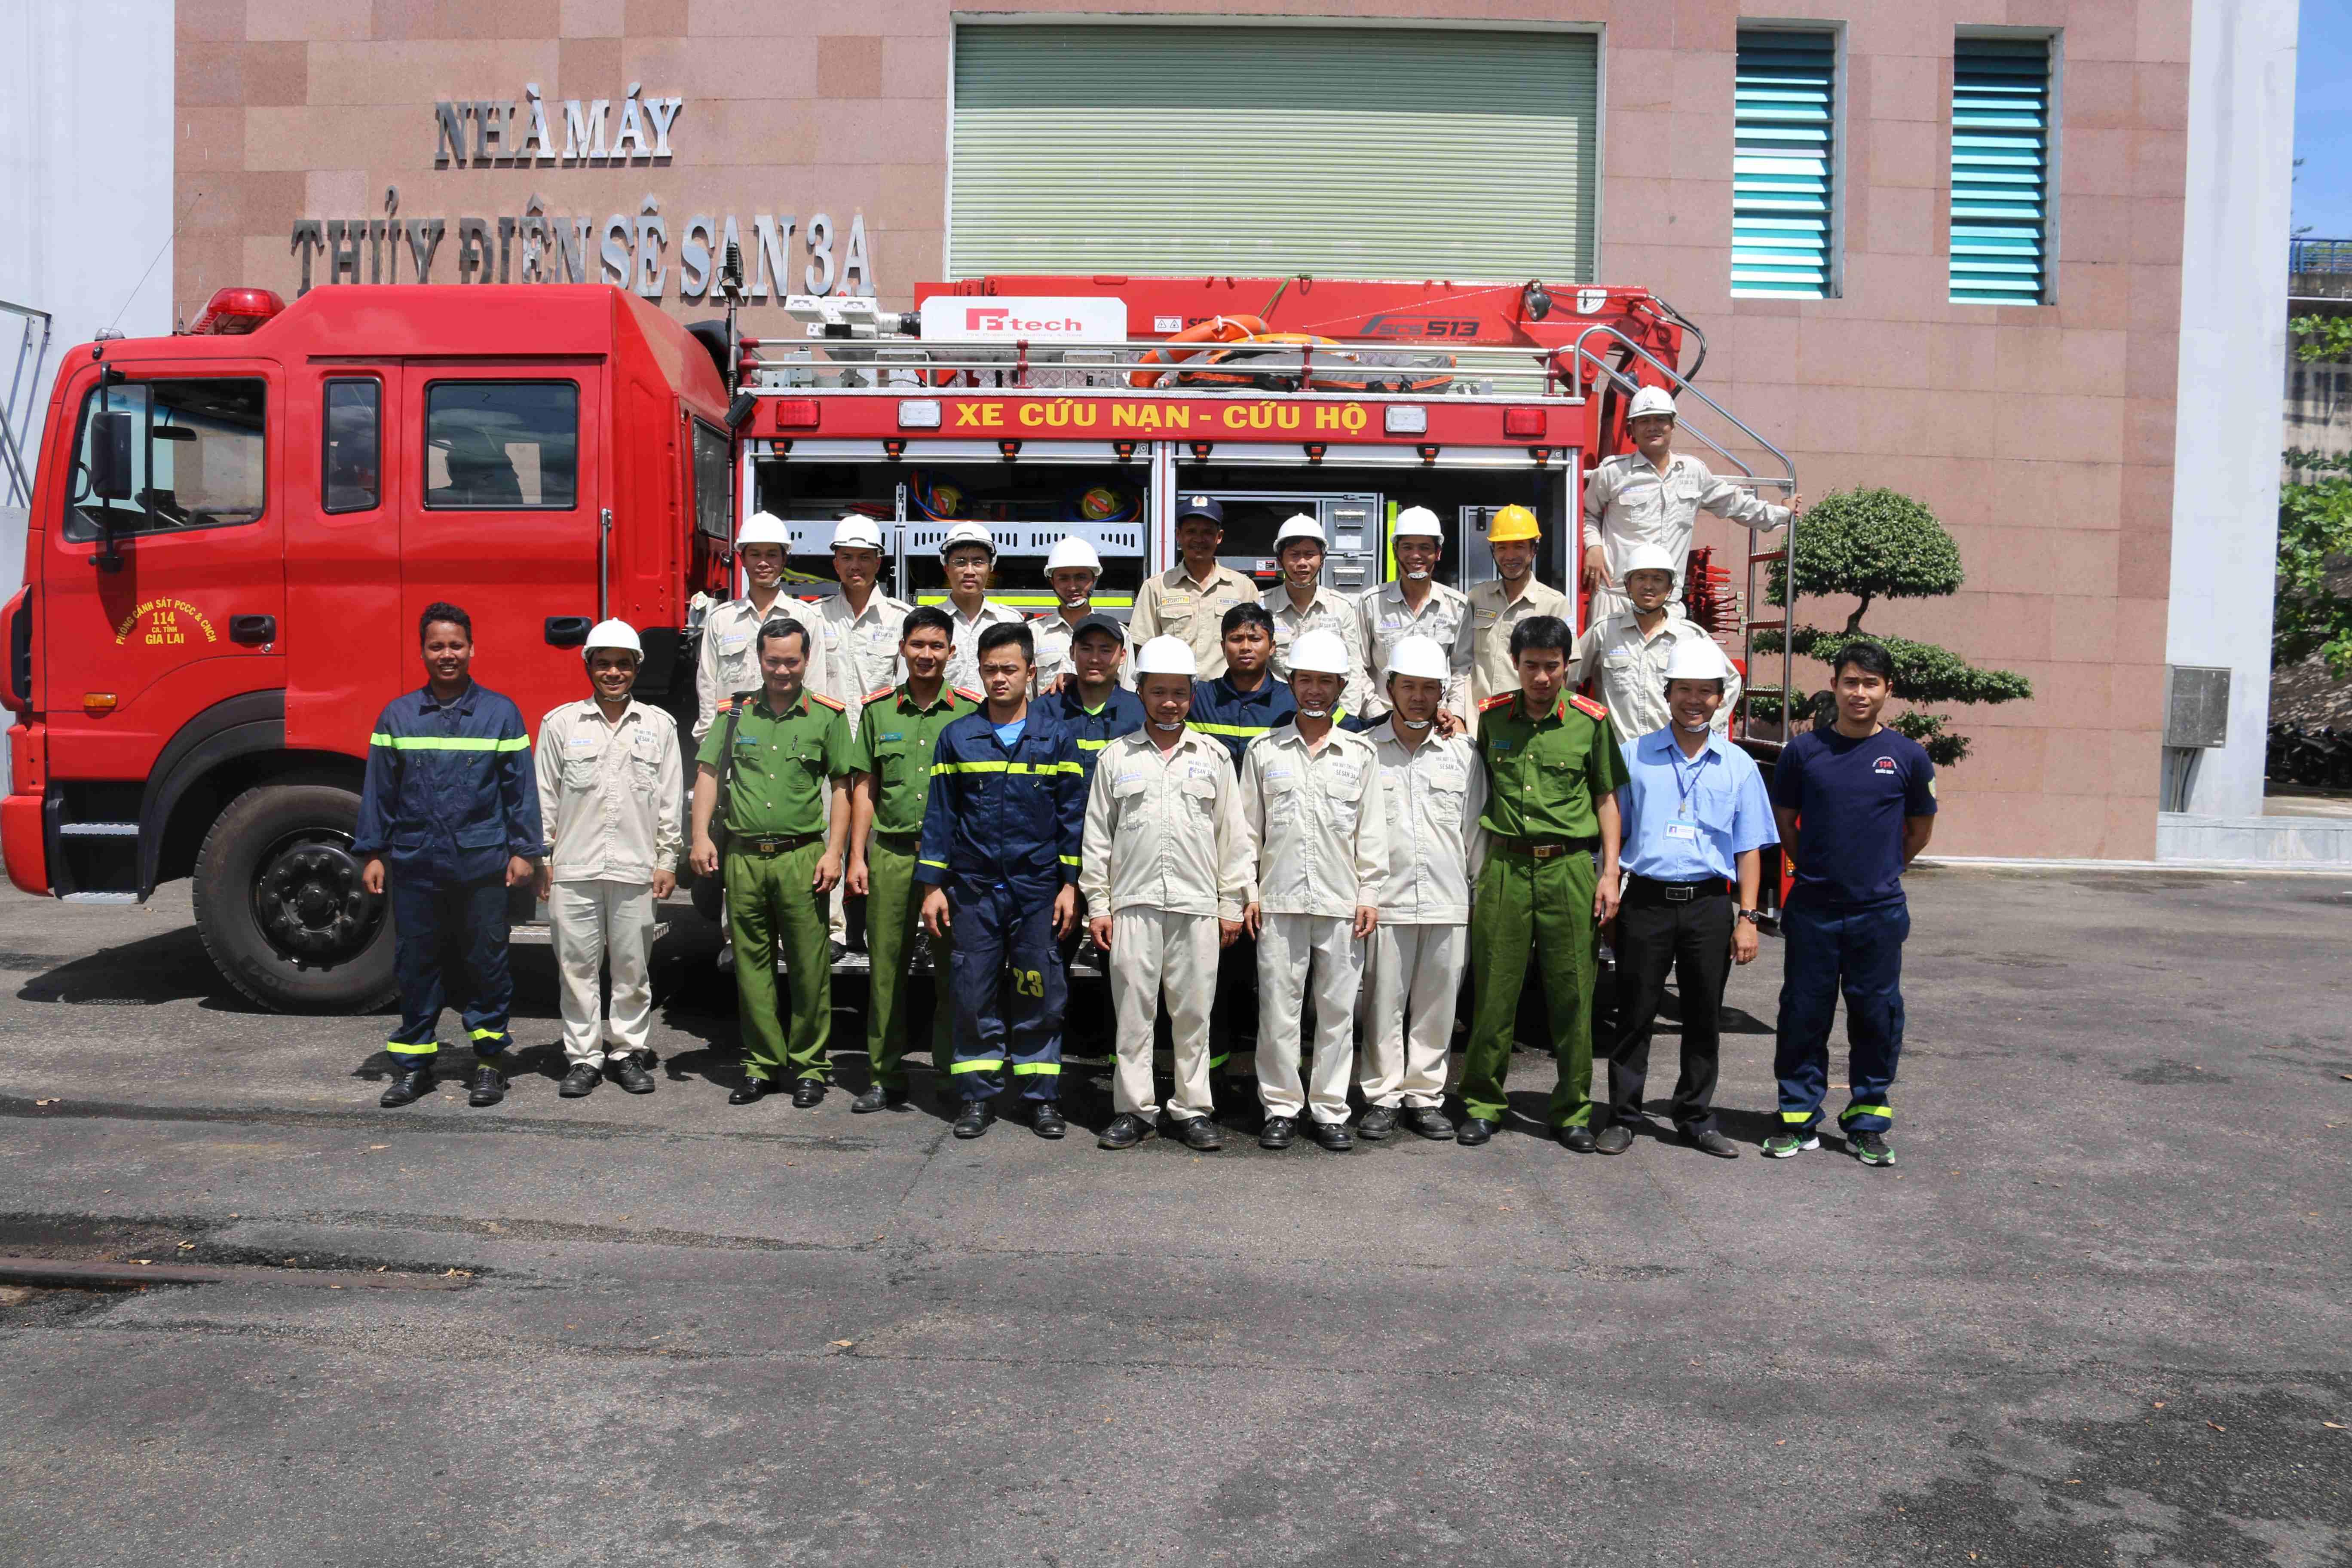 Huấn luyện nghiệp vụ công tác phòng cháy, chữa cháy và cứu nạn, cứu hộ năm 2018